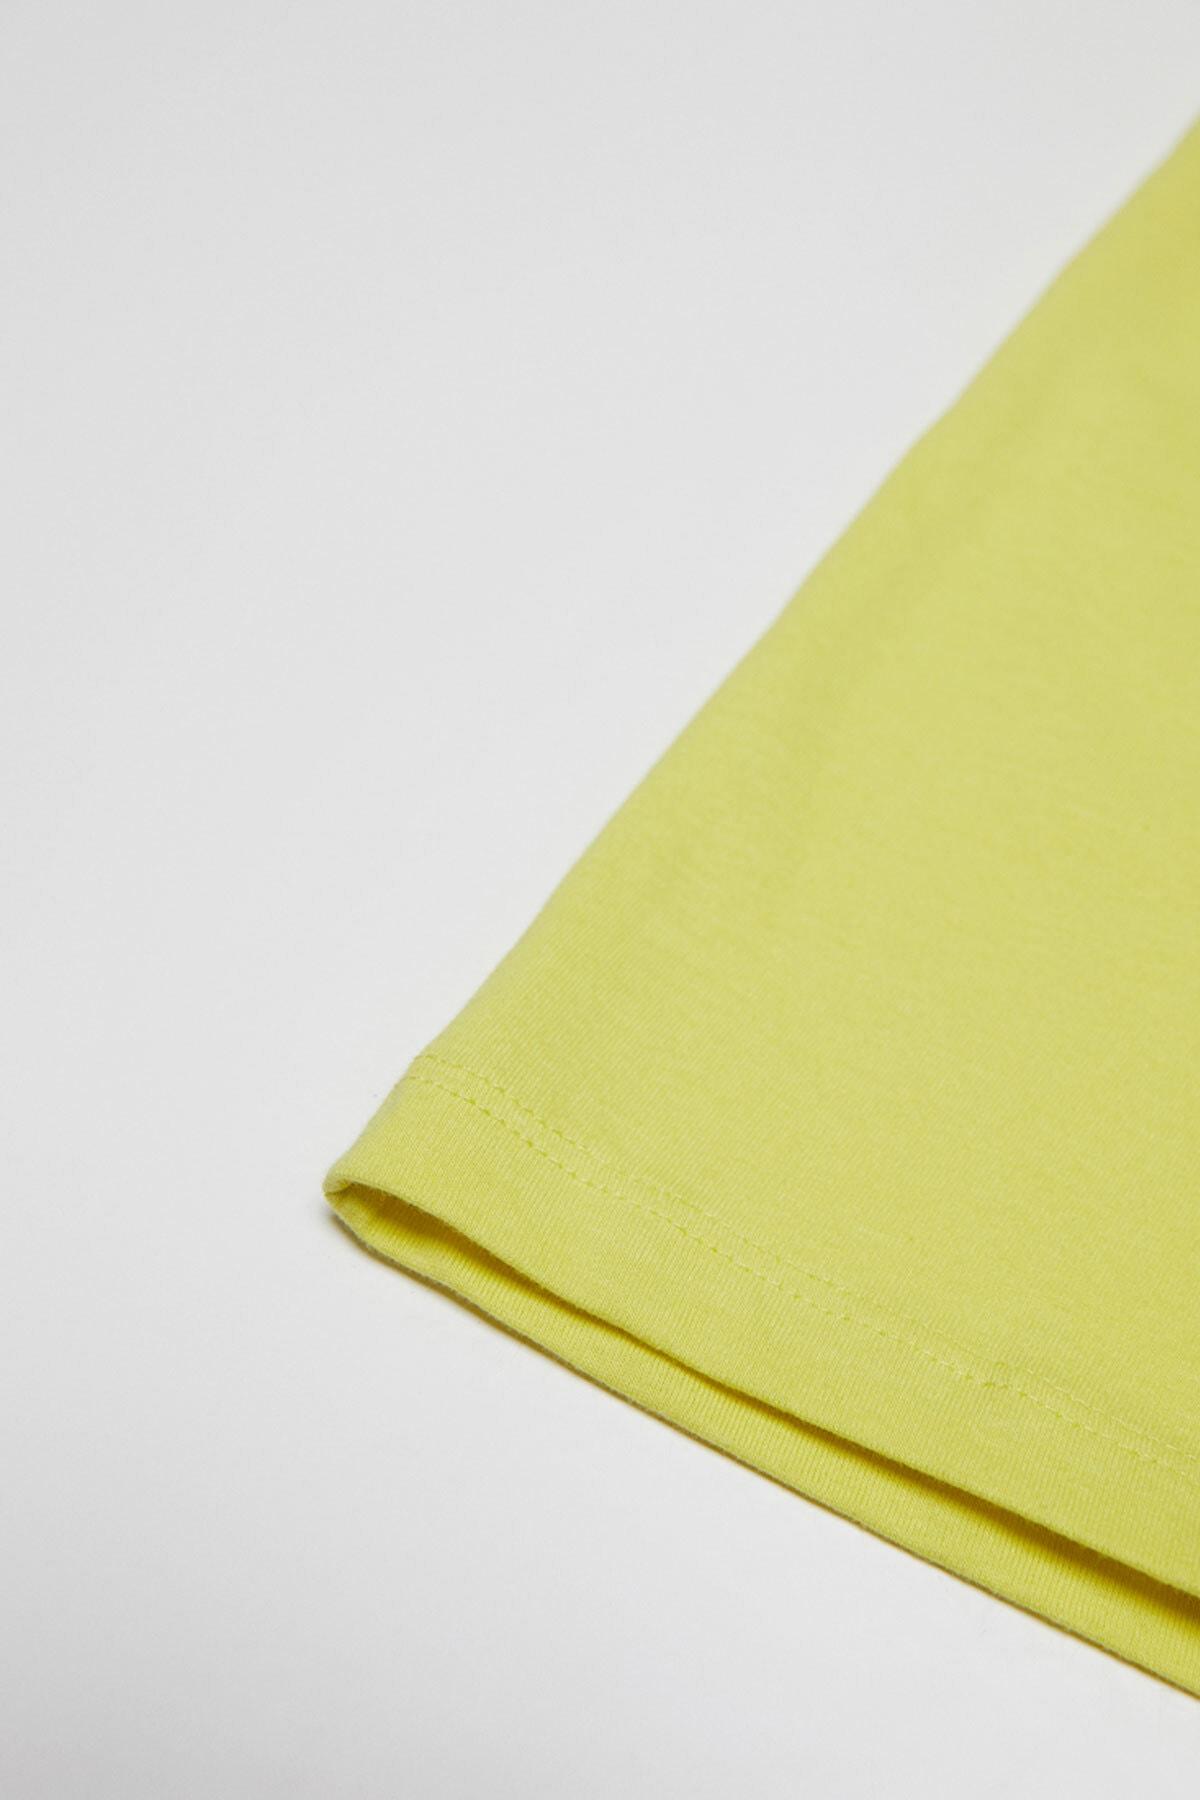 Pull & Bear Kadın Limon Yeşili Kısa Kollu Görselli T-Shirt 05236368 2